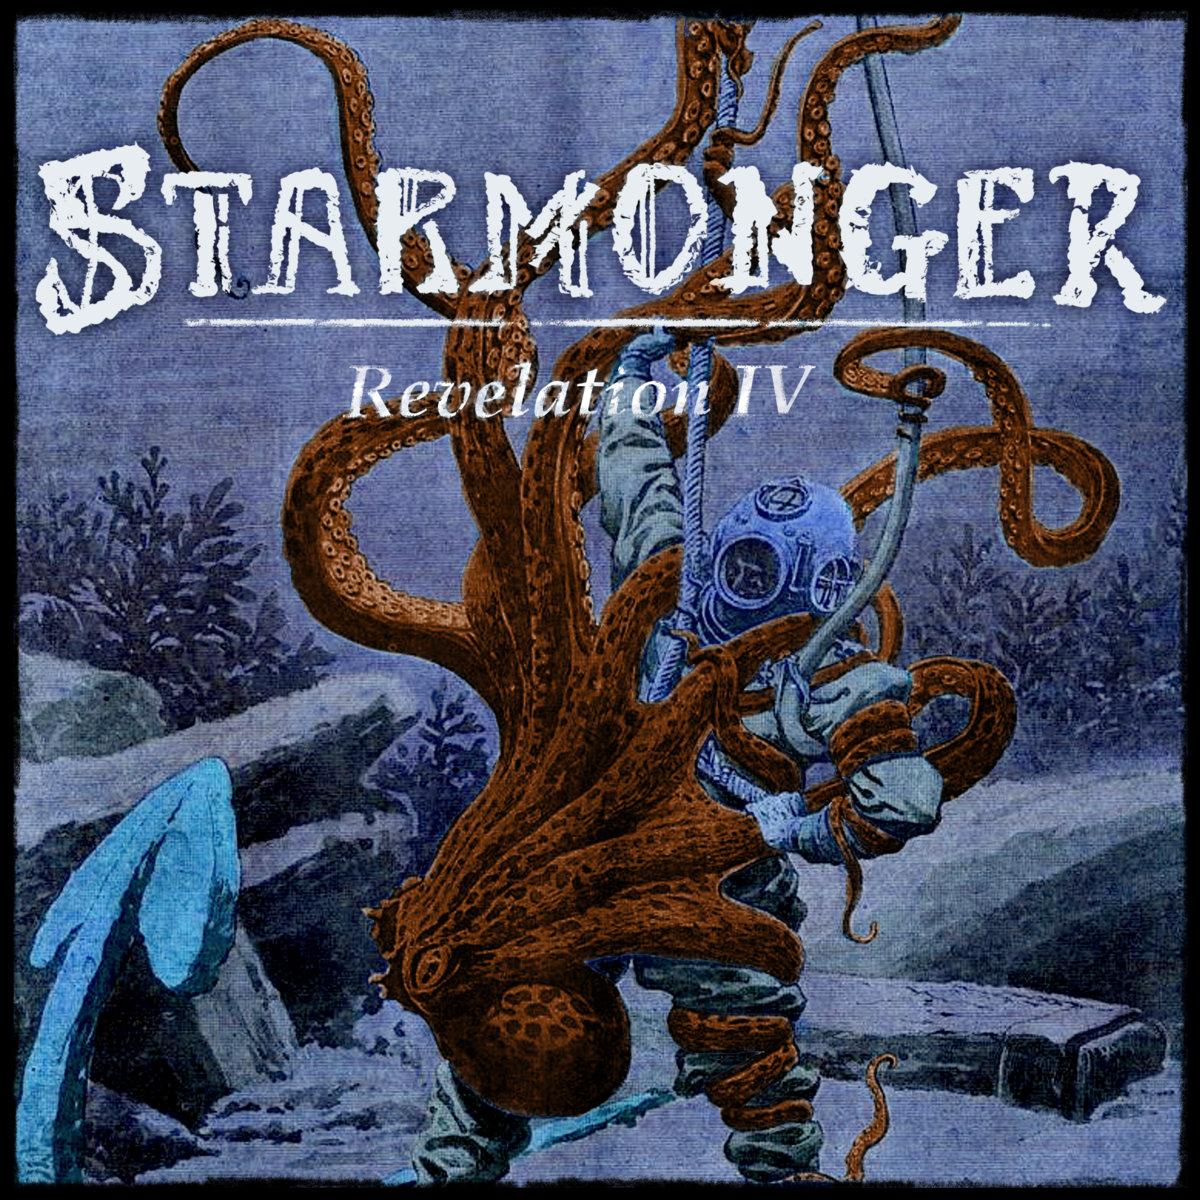 starmonger revelation iv